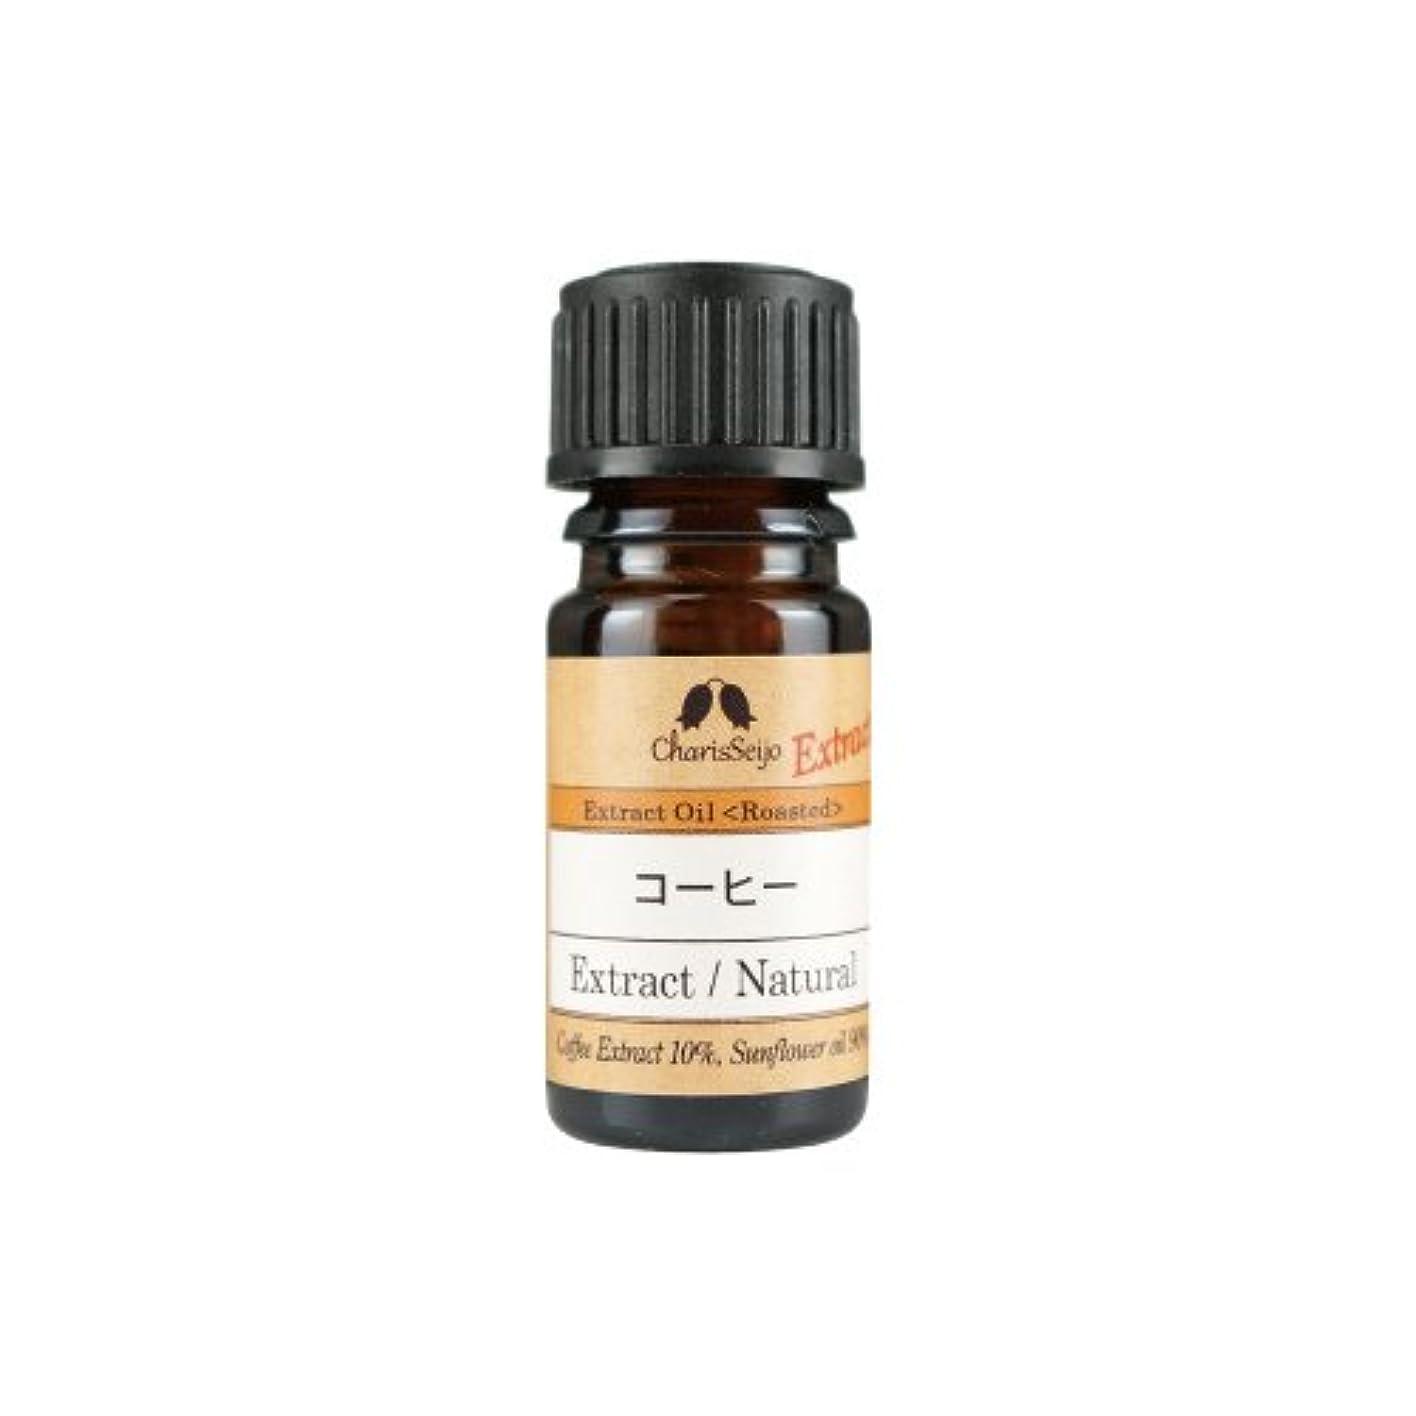 カリス エッセンシャルオイル コーヒーエクストラクト(10%希釈液)10ml